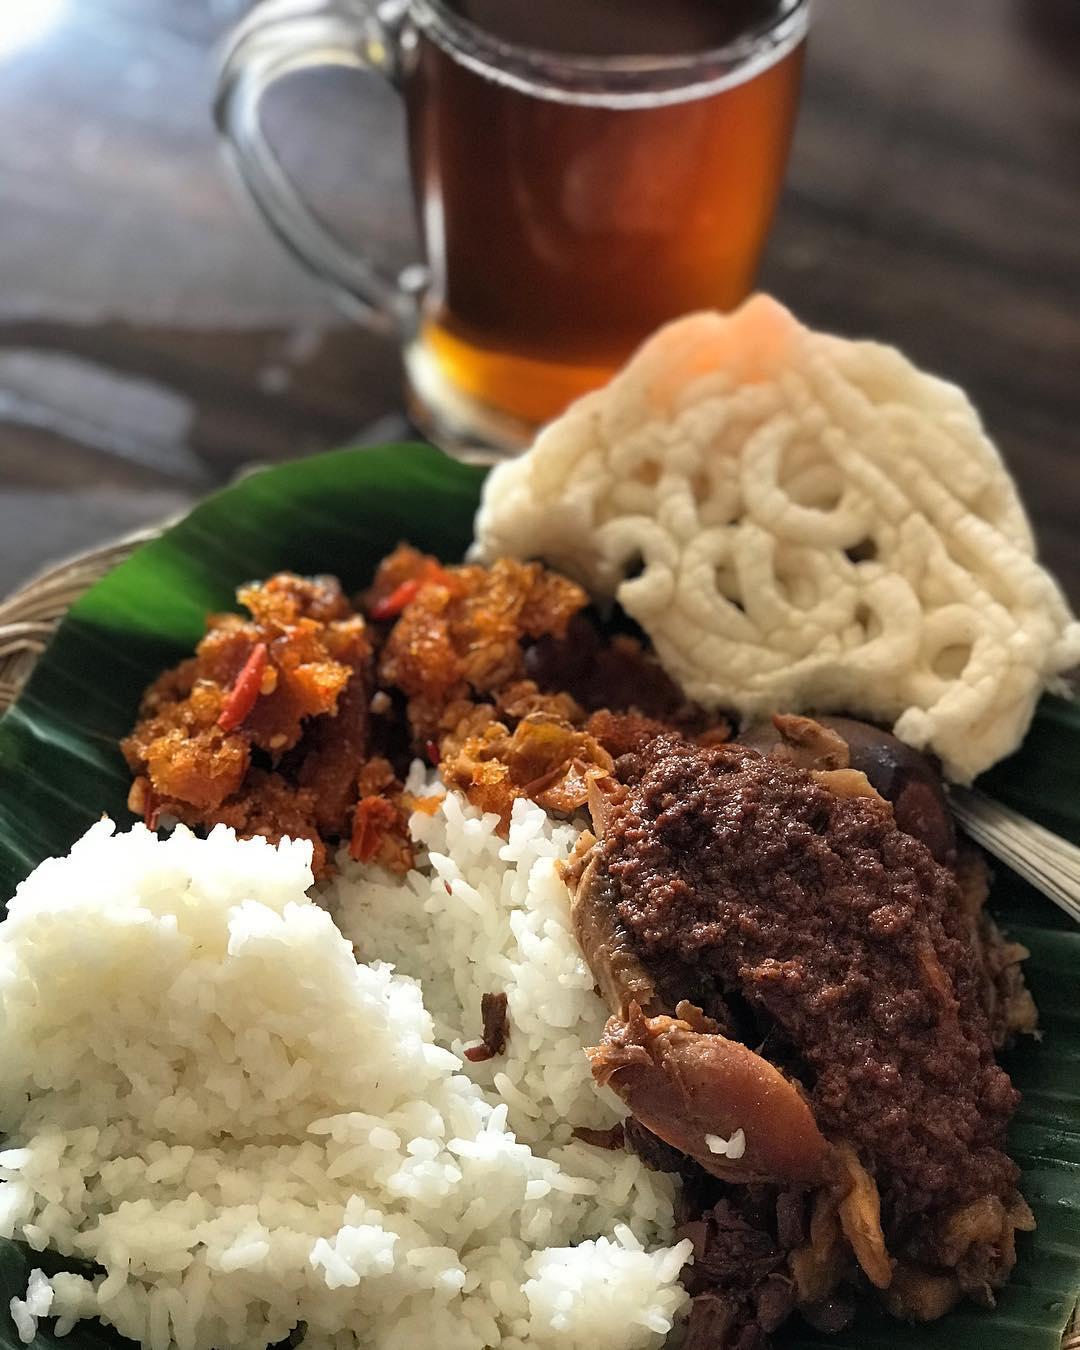 Gudeg Yu Djum, Gudeg Yu Djum Yogyakarta, Yogyakarta, Dolan Dolen, Dolaners Gudeg Yu Djum via dessyrachma 9 - Dolan Dolen